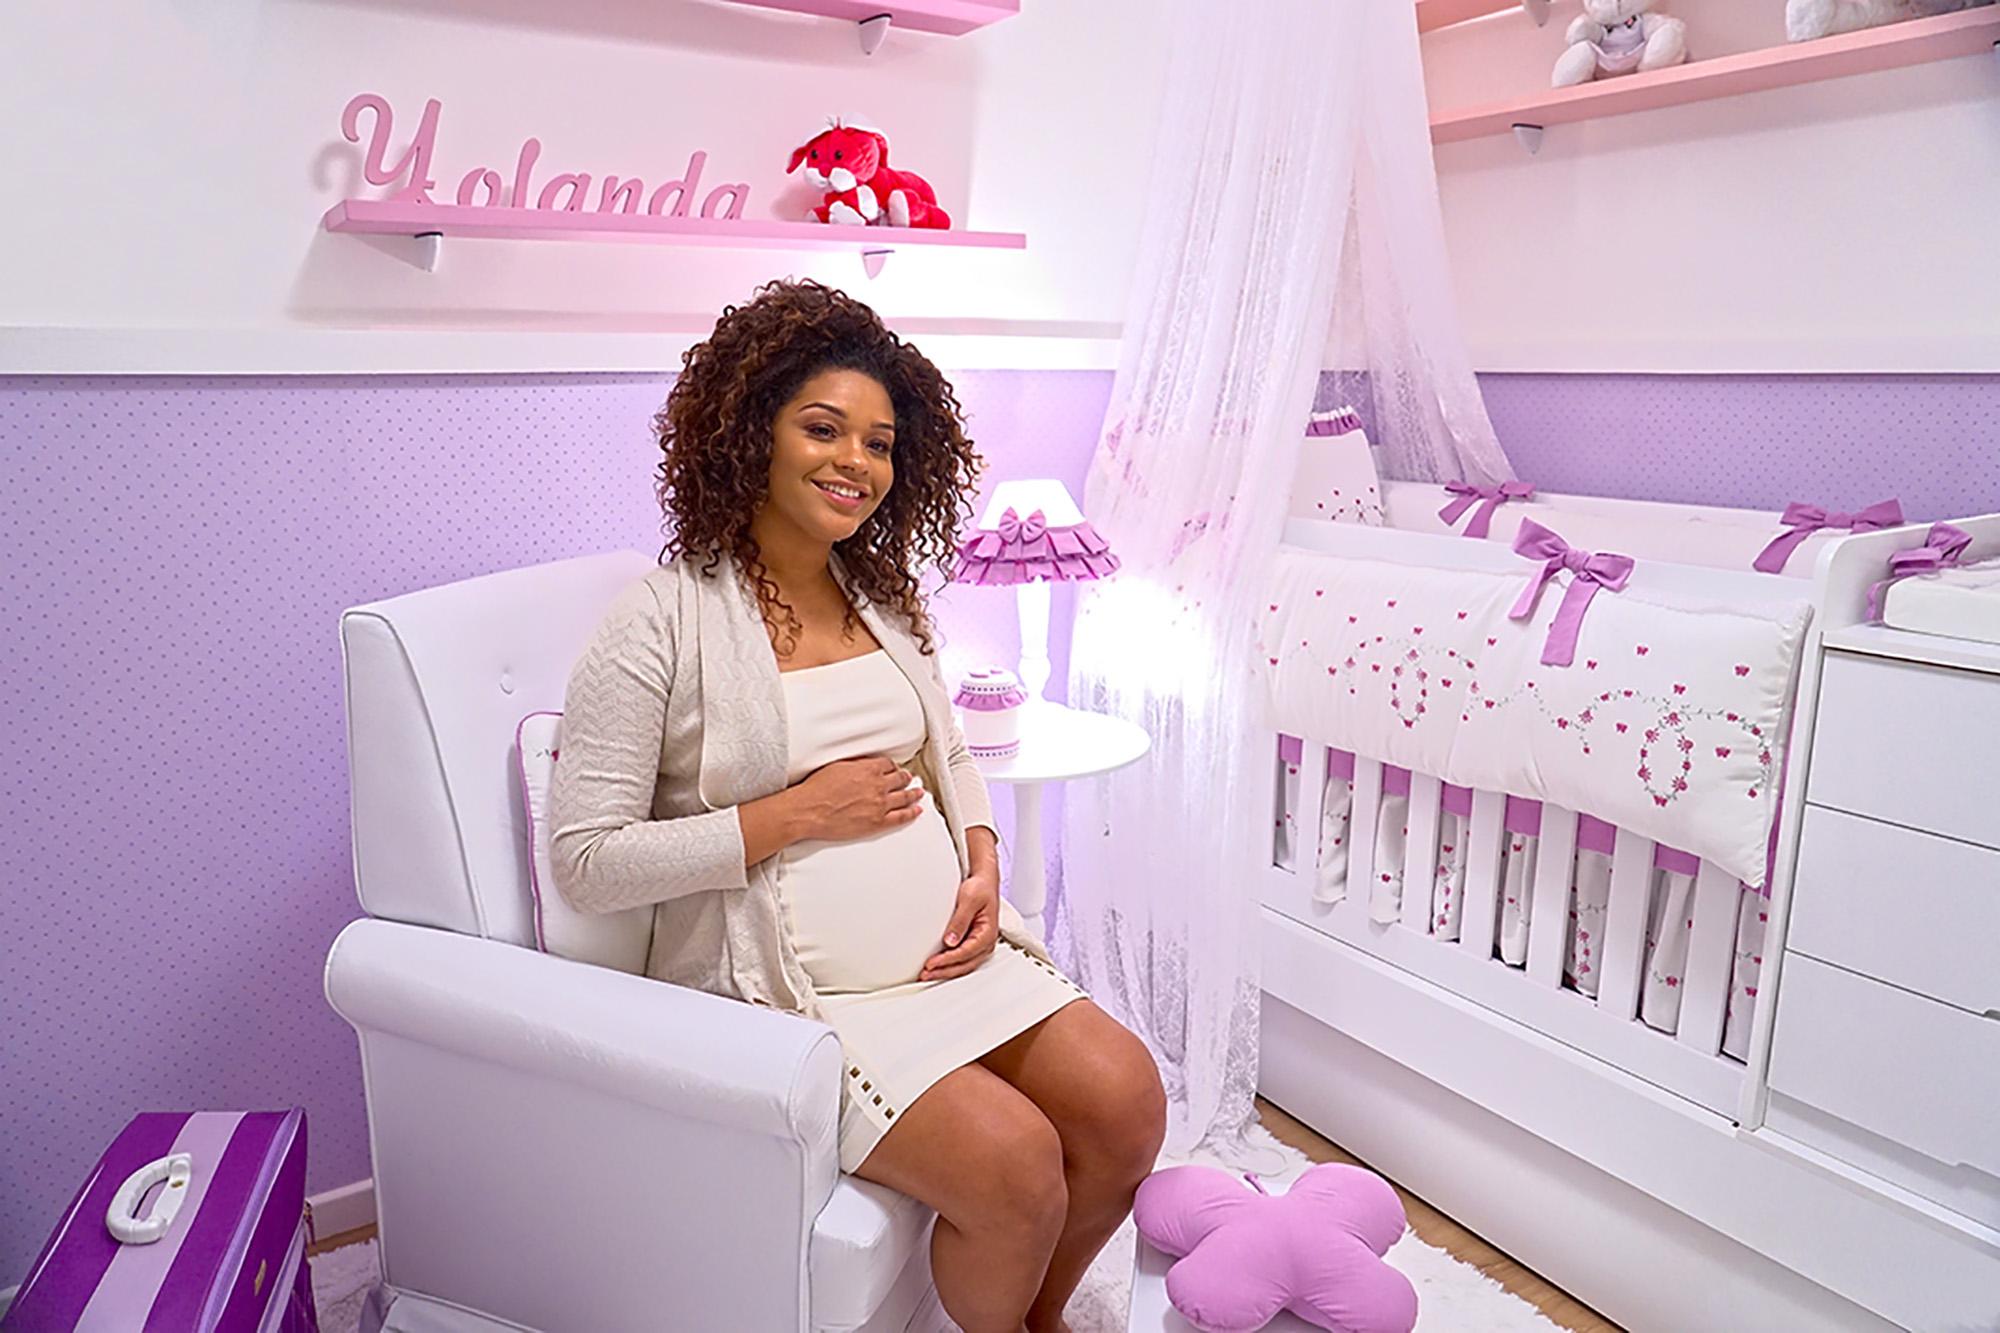 nomes de bebê 2017 - o significado do nome yolanda inspirou as cores do quarto